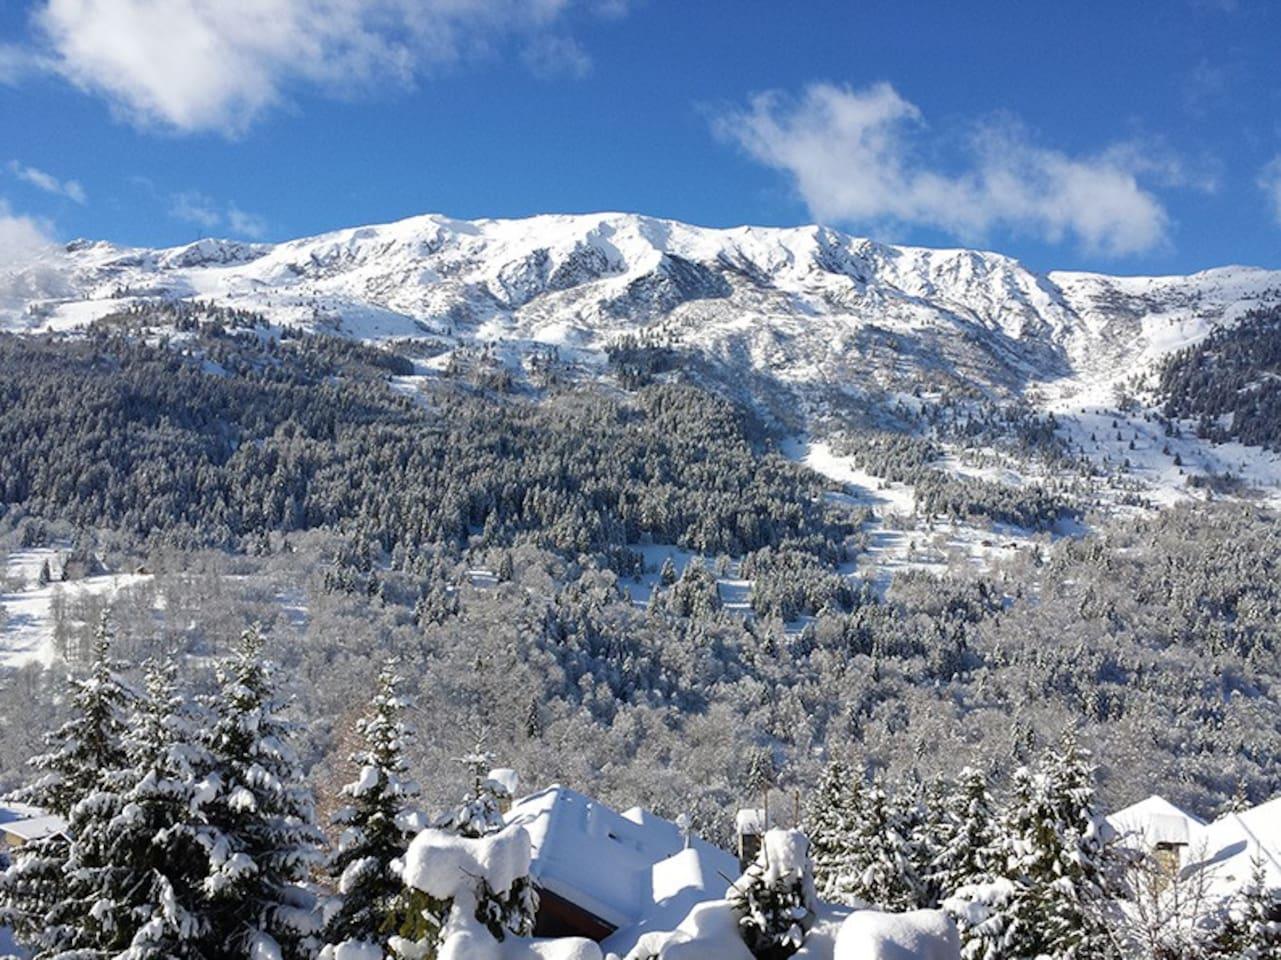 Le Roc de Fer depuis le chalet - View of Roc de fer from the chalet